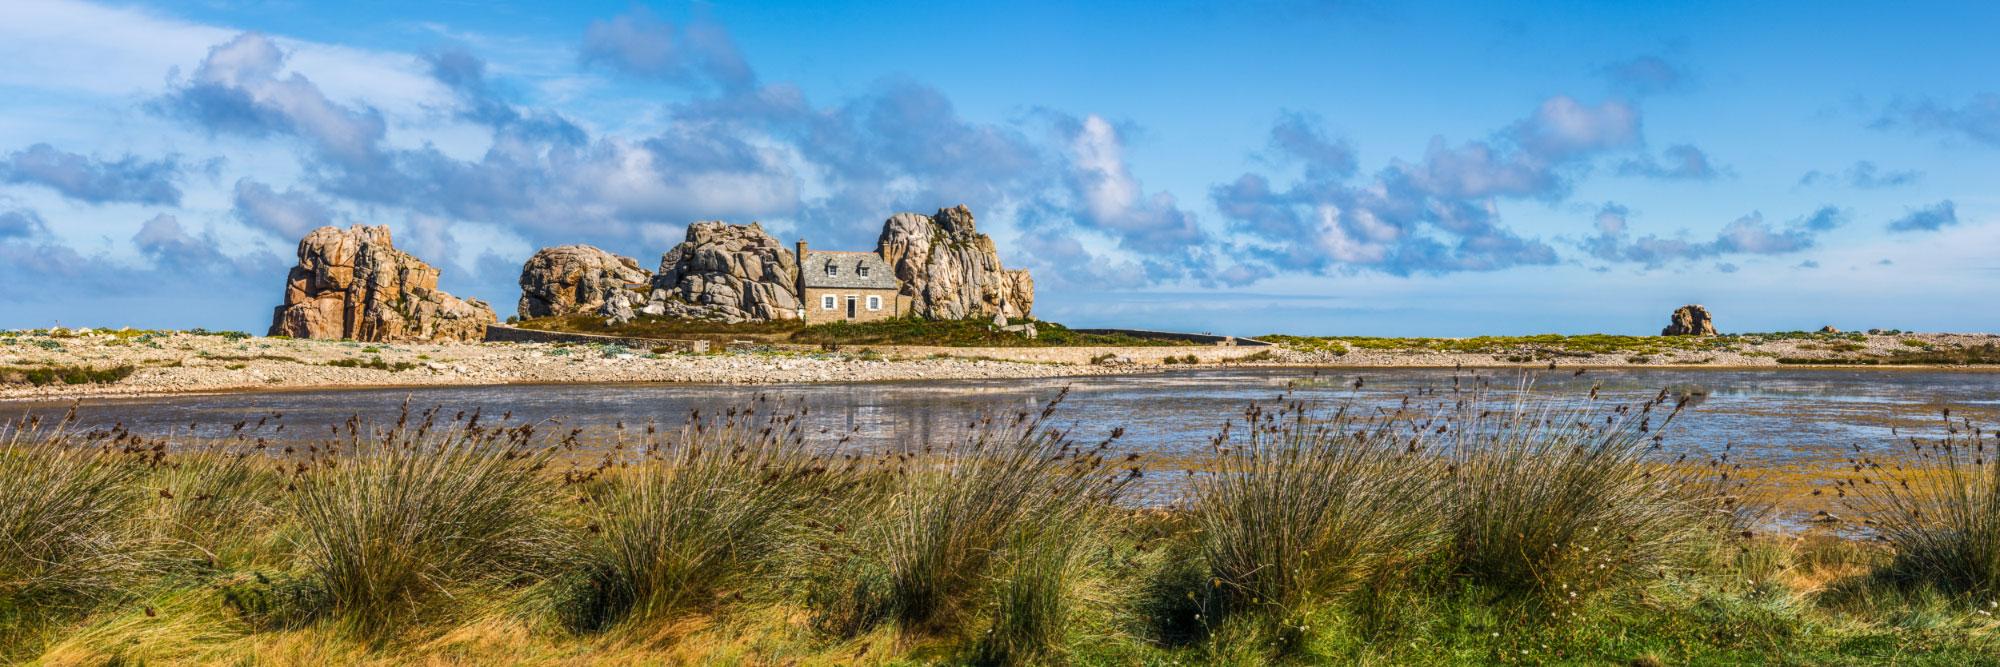 La côte de granit rose à Castel Meur, ajoncs devant des lagunes fermées par la recontre de deux tombolos, Plougrescant, Manche